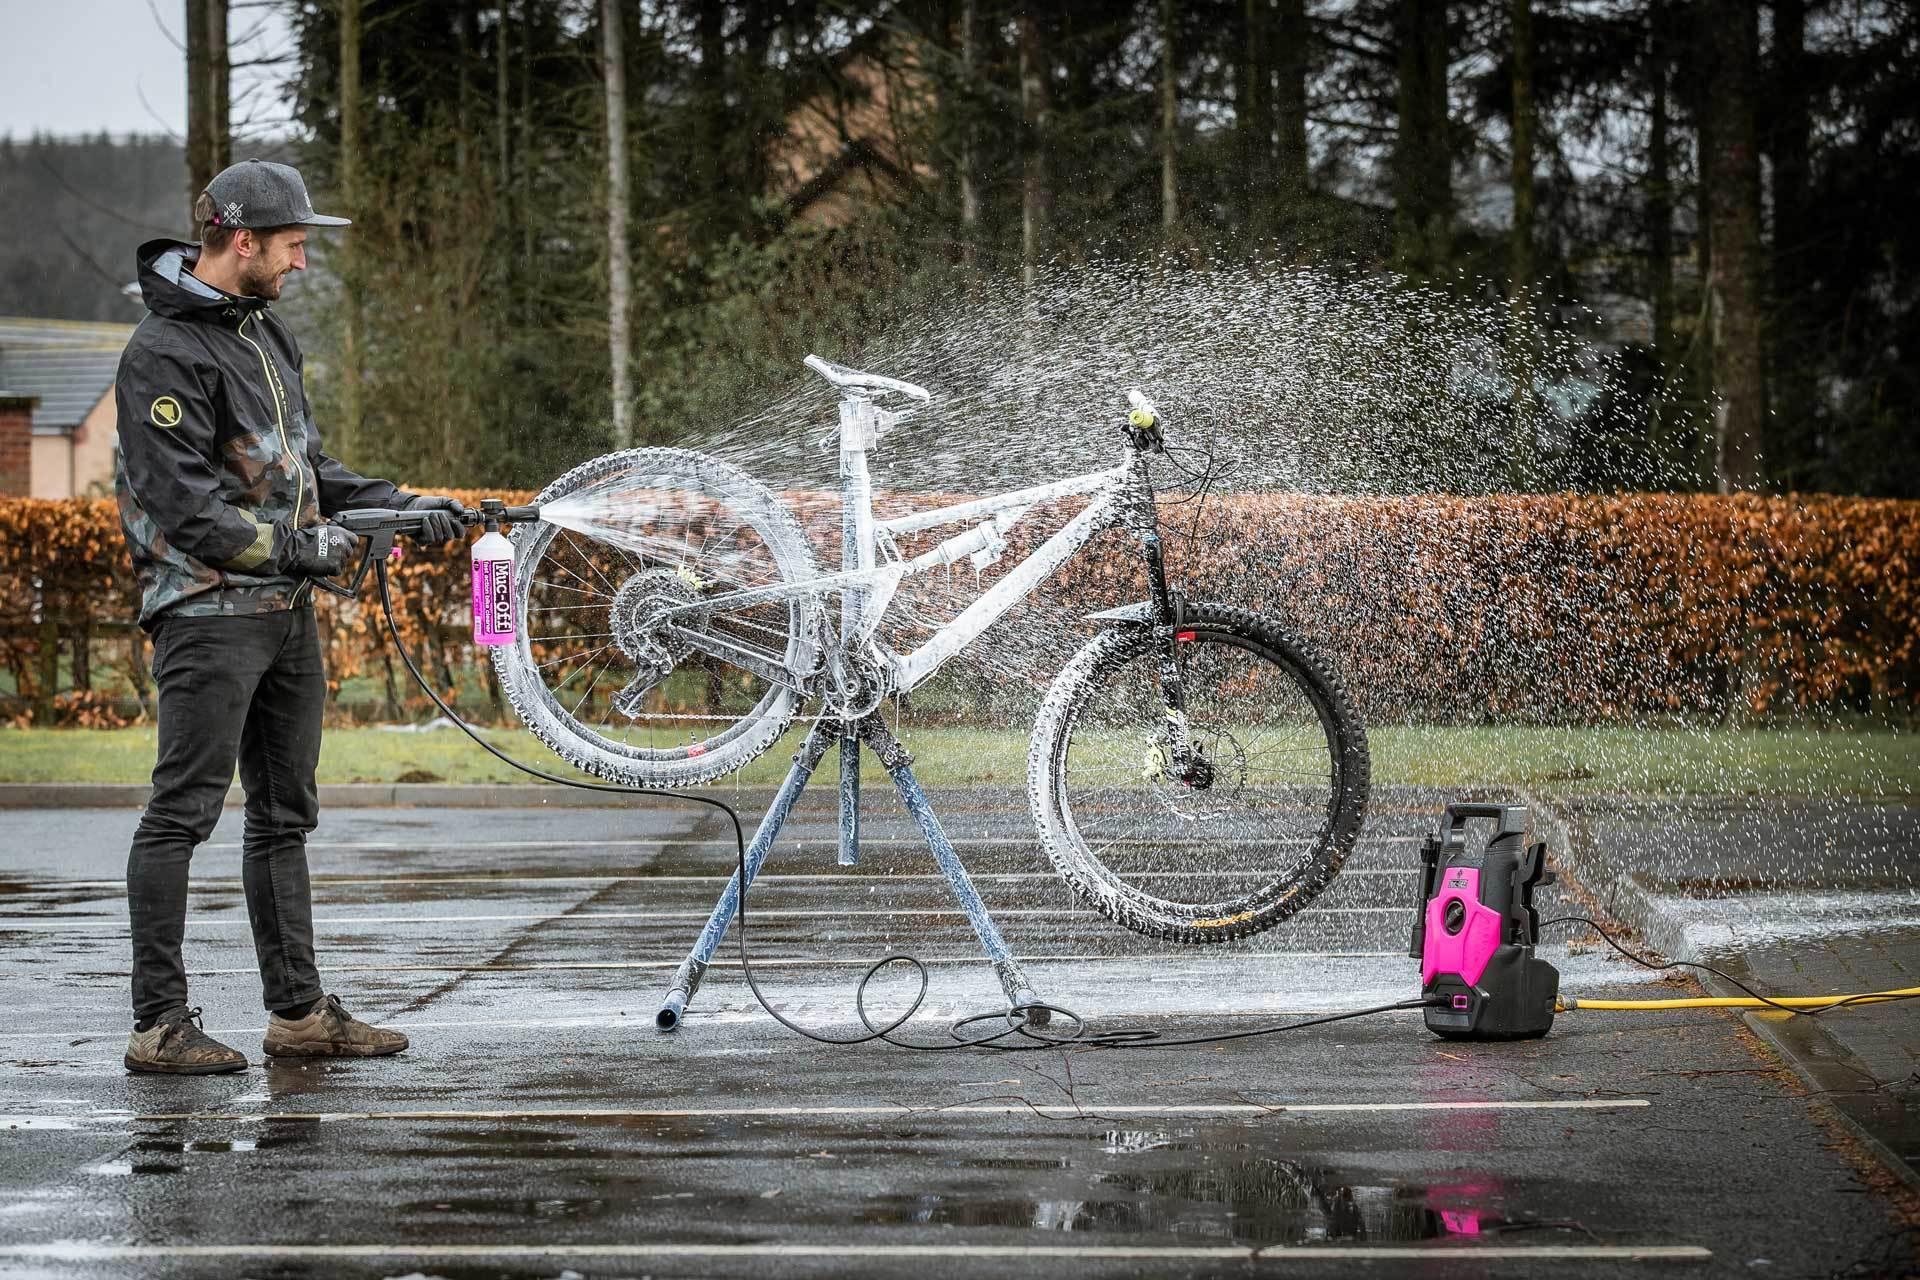 stojak serwisowy pomaga w myciu roweru